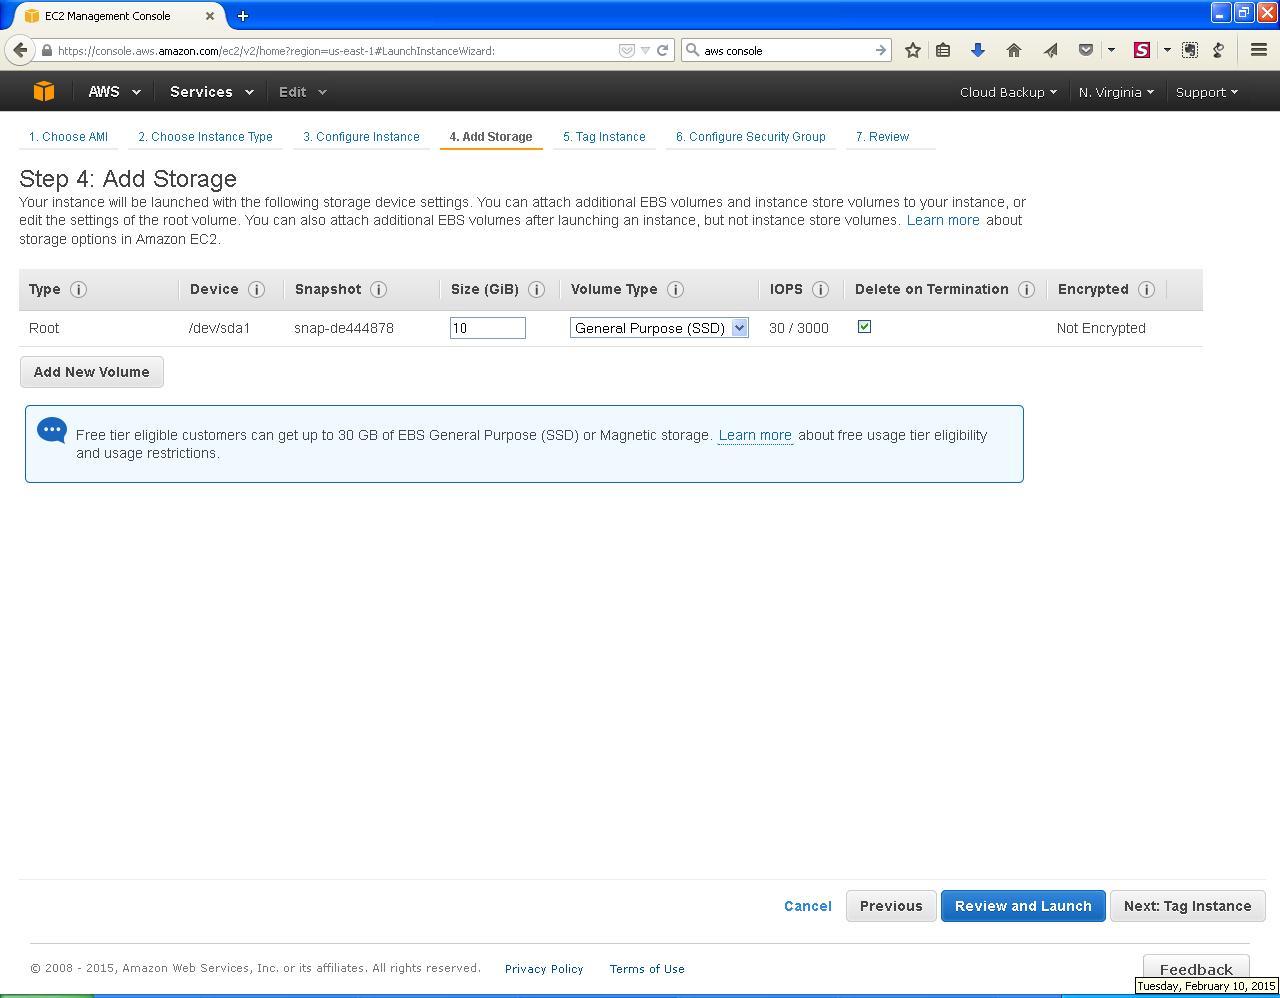 AWS EC2 Add Storage